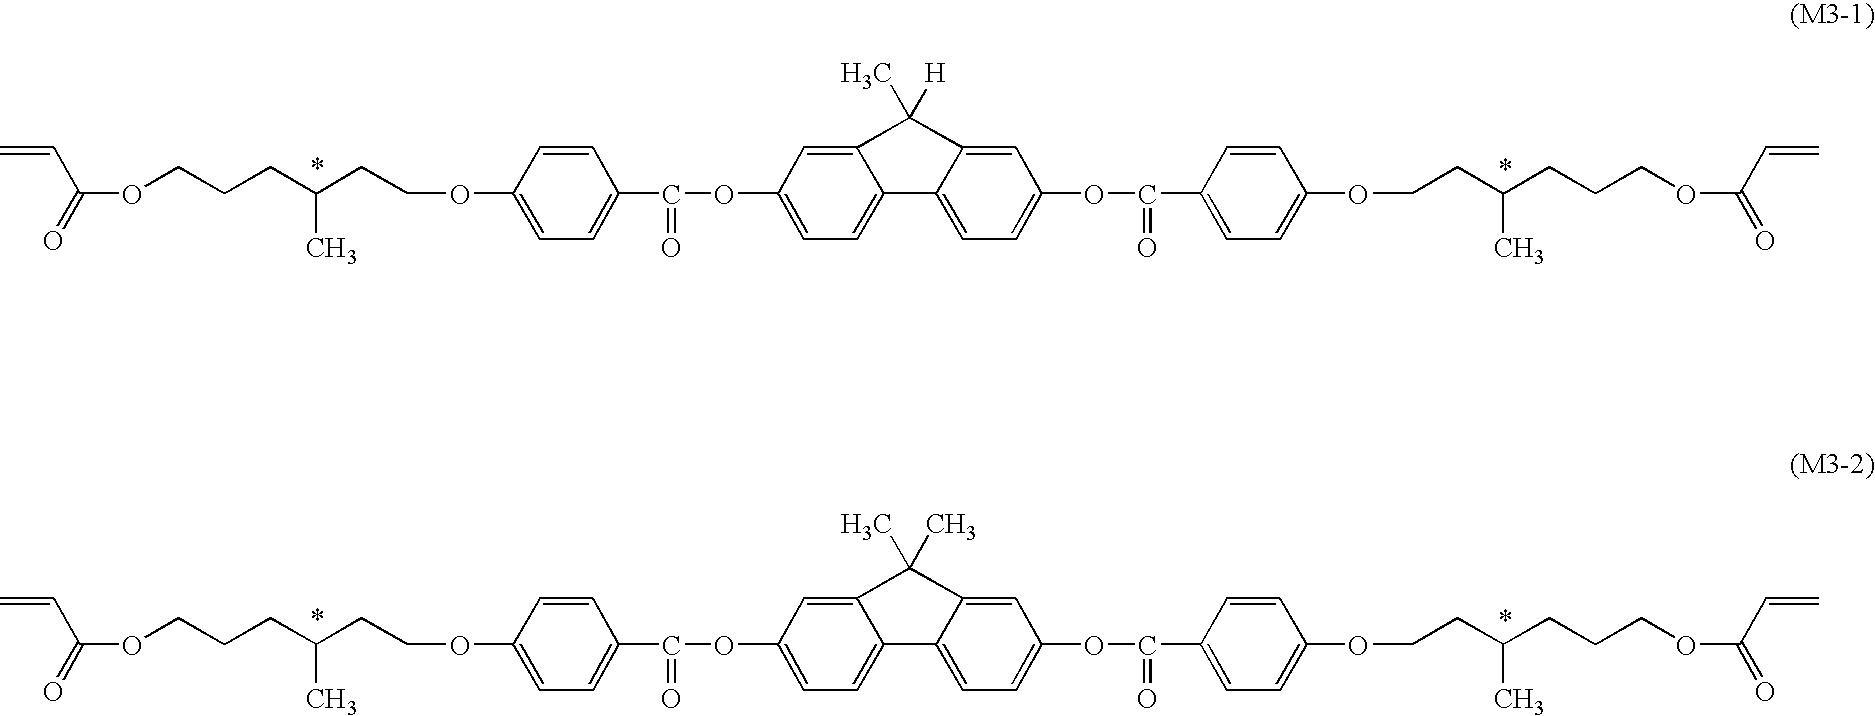 Figure US20060172090A1-20060803-C00026